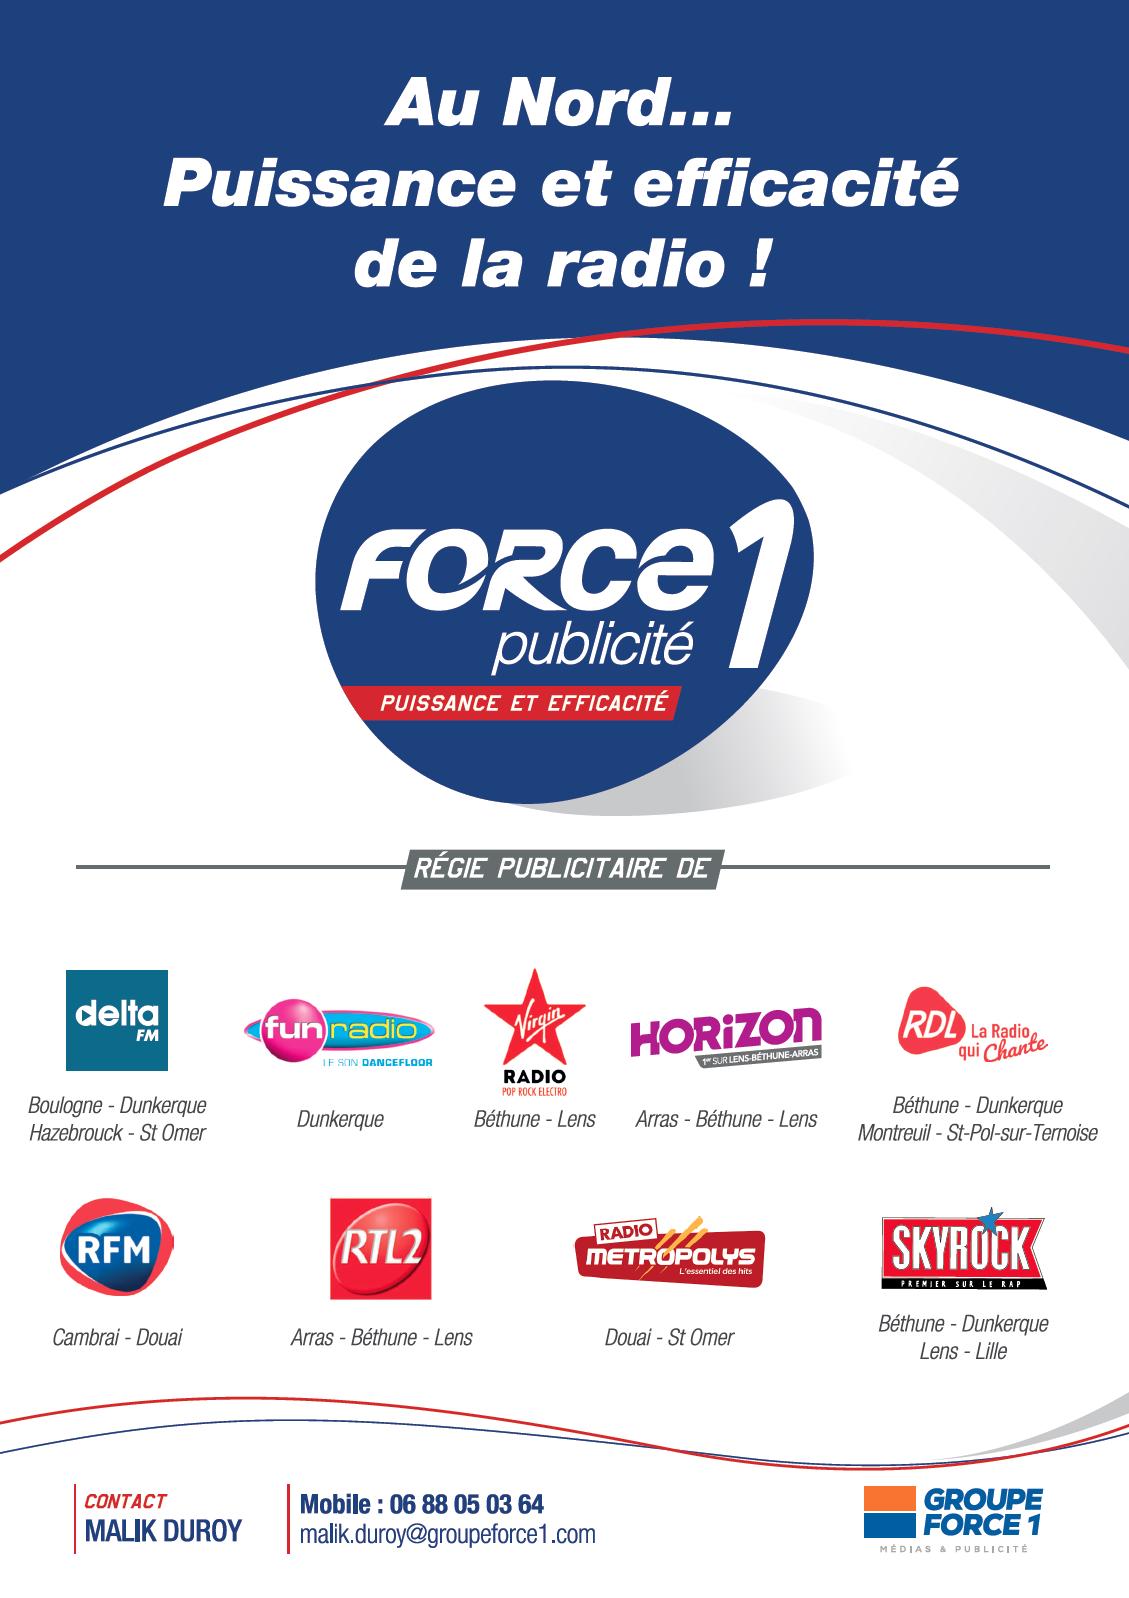 Targetspot accompagne Force 1 Publicité dans l'audio digital